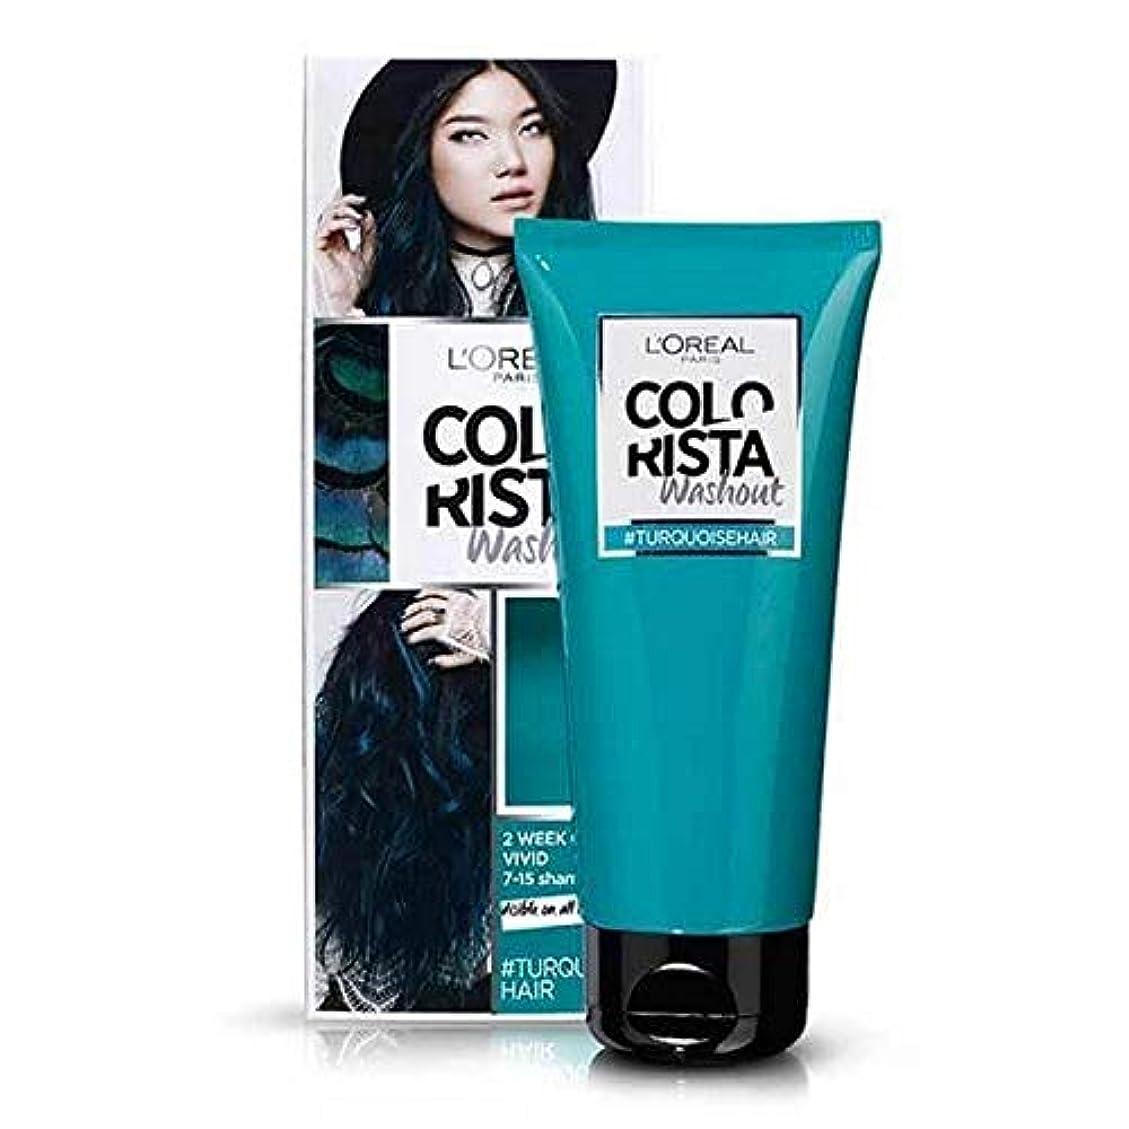 リングレットもっと少なく確認する[Colorista] Colorista洗い出しターコイズ半永久染毛剤 - Colorista Washout Turquoise Semi-Permanent Hair Dye [並行輸入品]